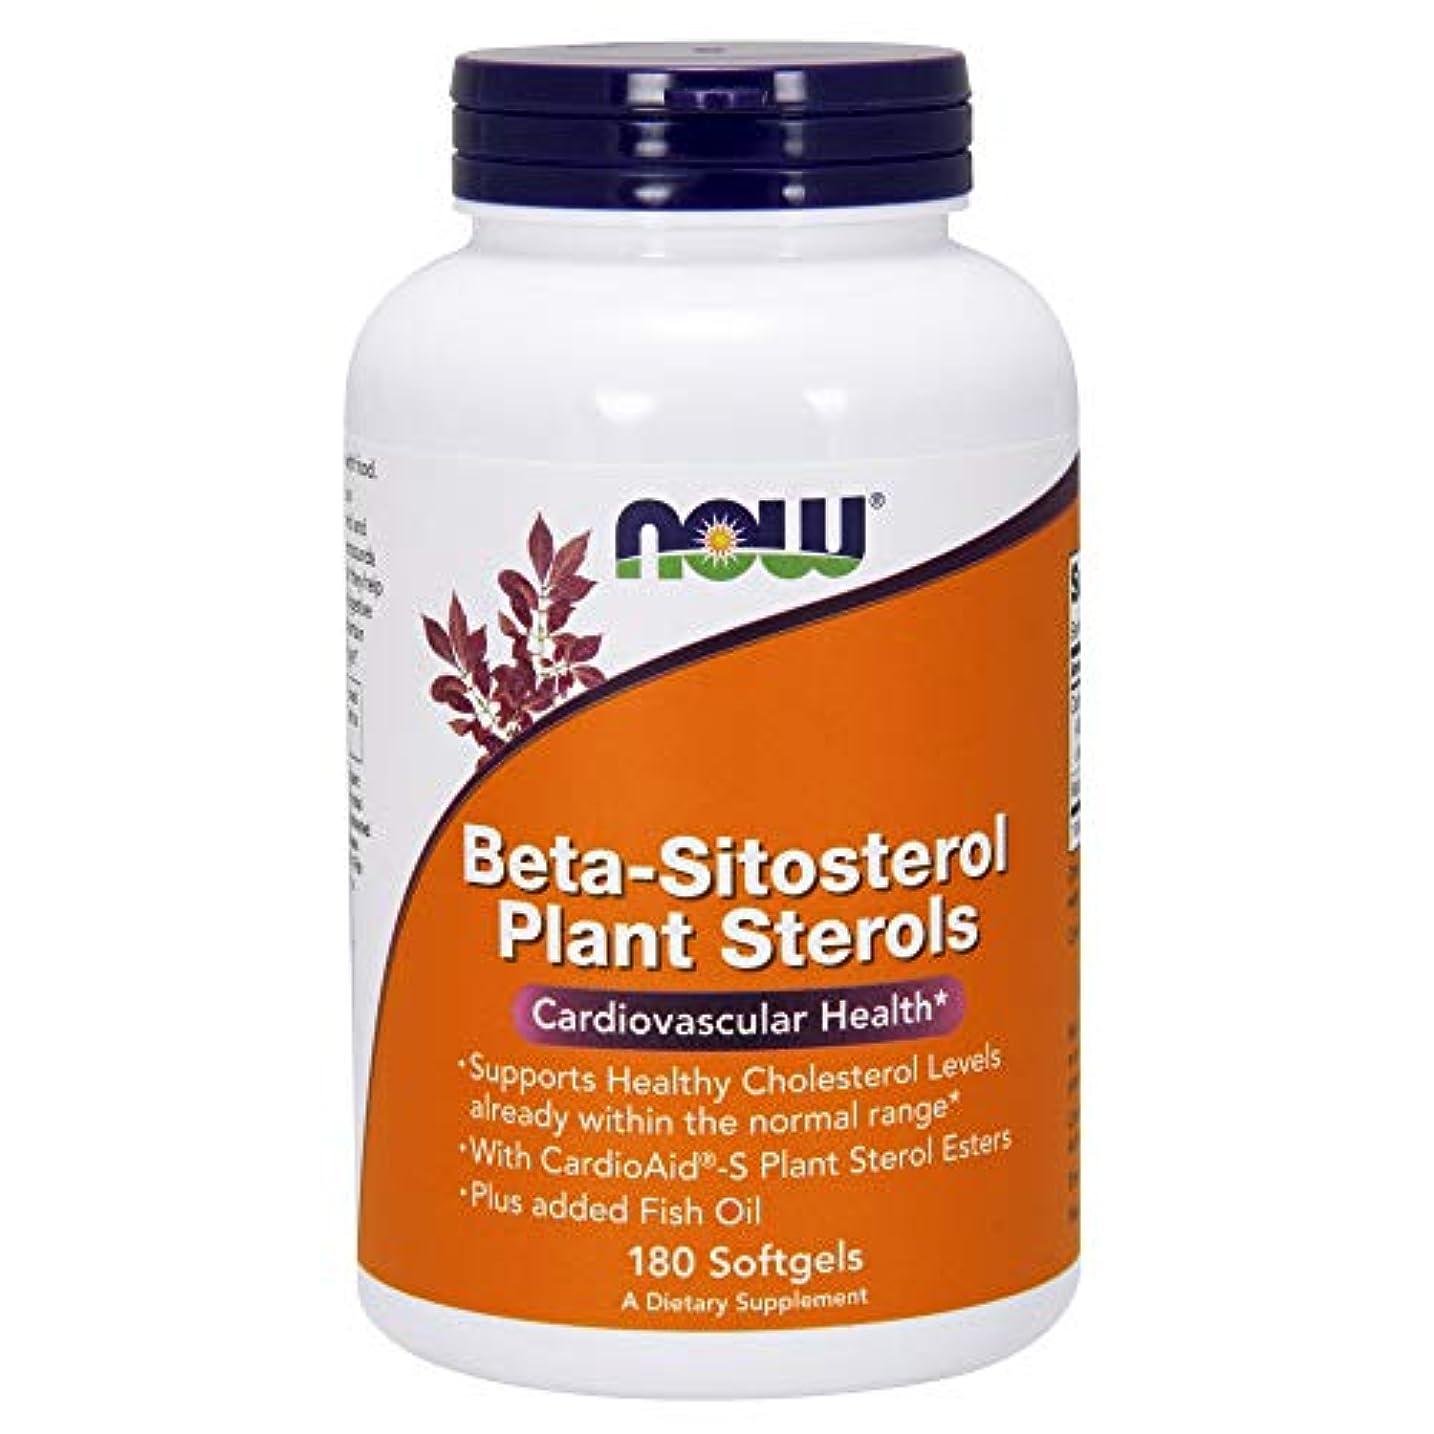 引き算突撃モッキンバード海外直送品 Now Foods Beta-Sitosterol Plant Sterols, 180 SOFTGELS